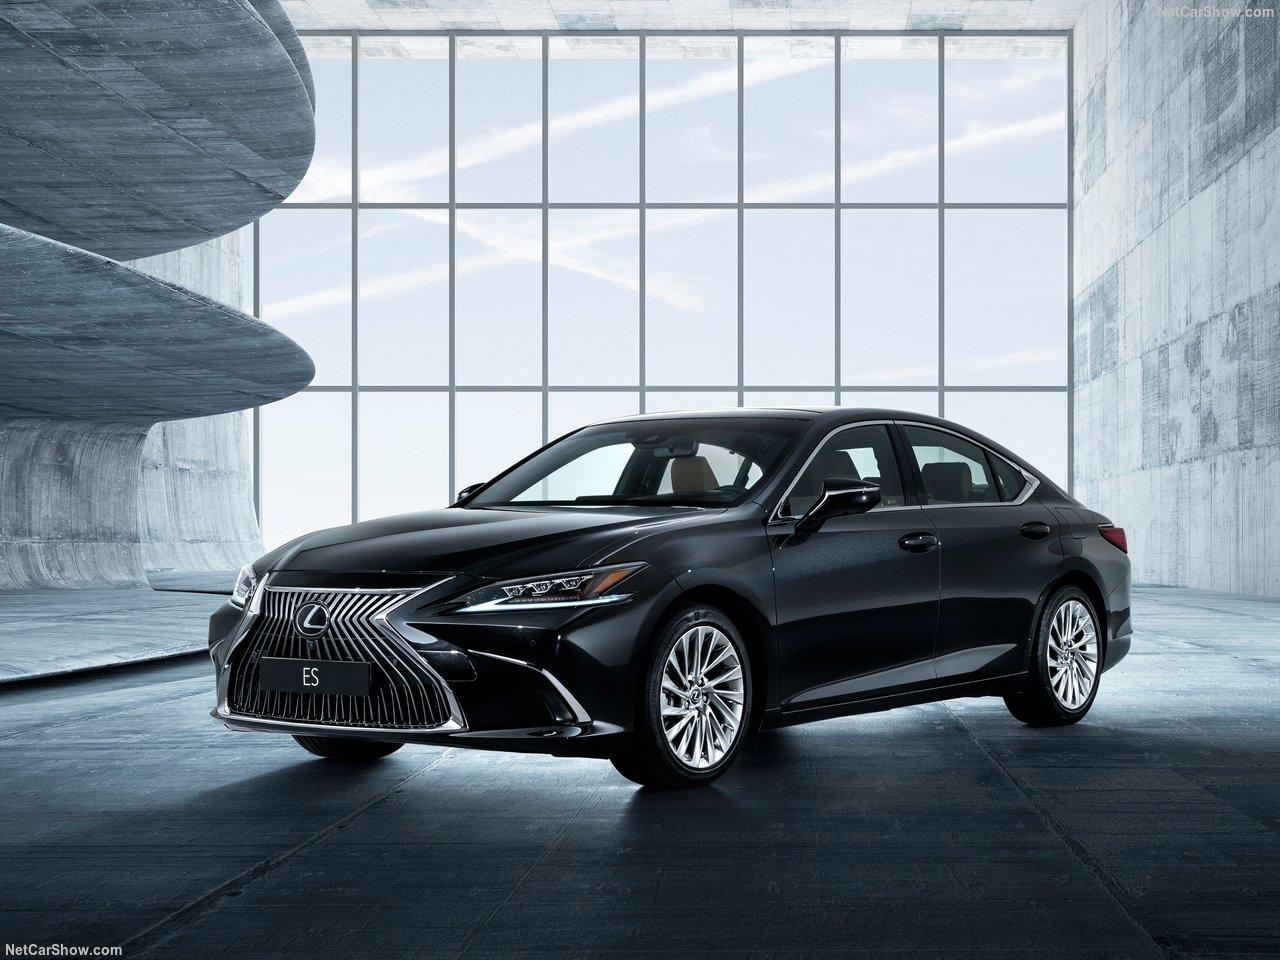 Lexus-ES-2019-1280-03.jpg